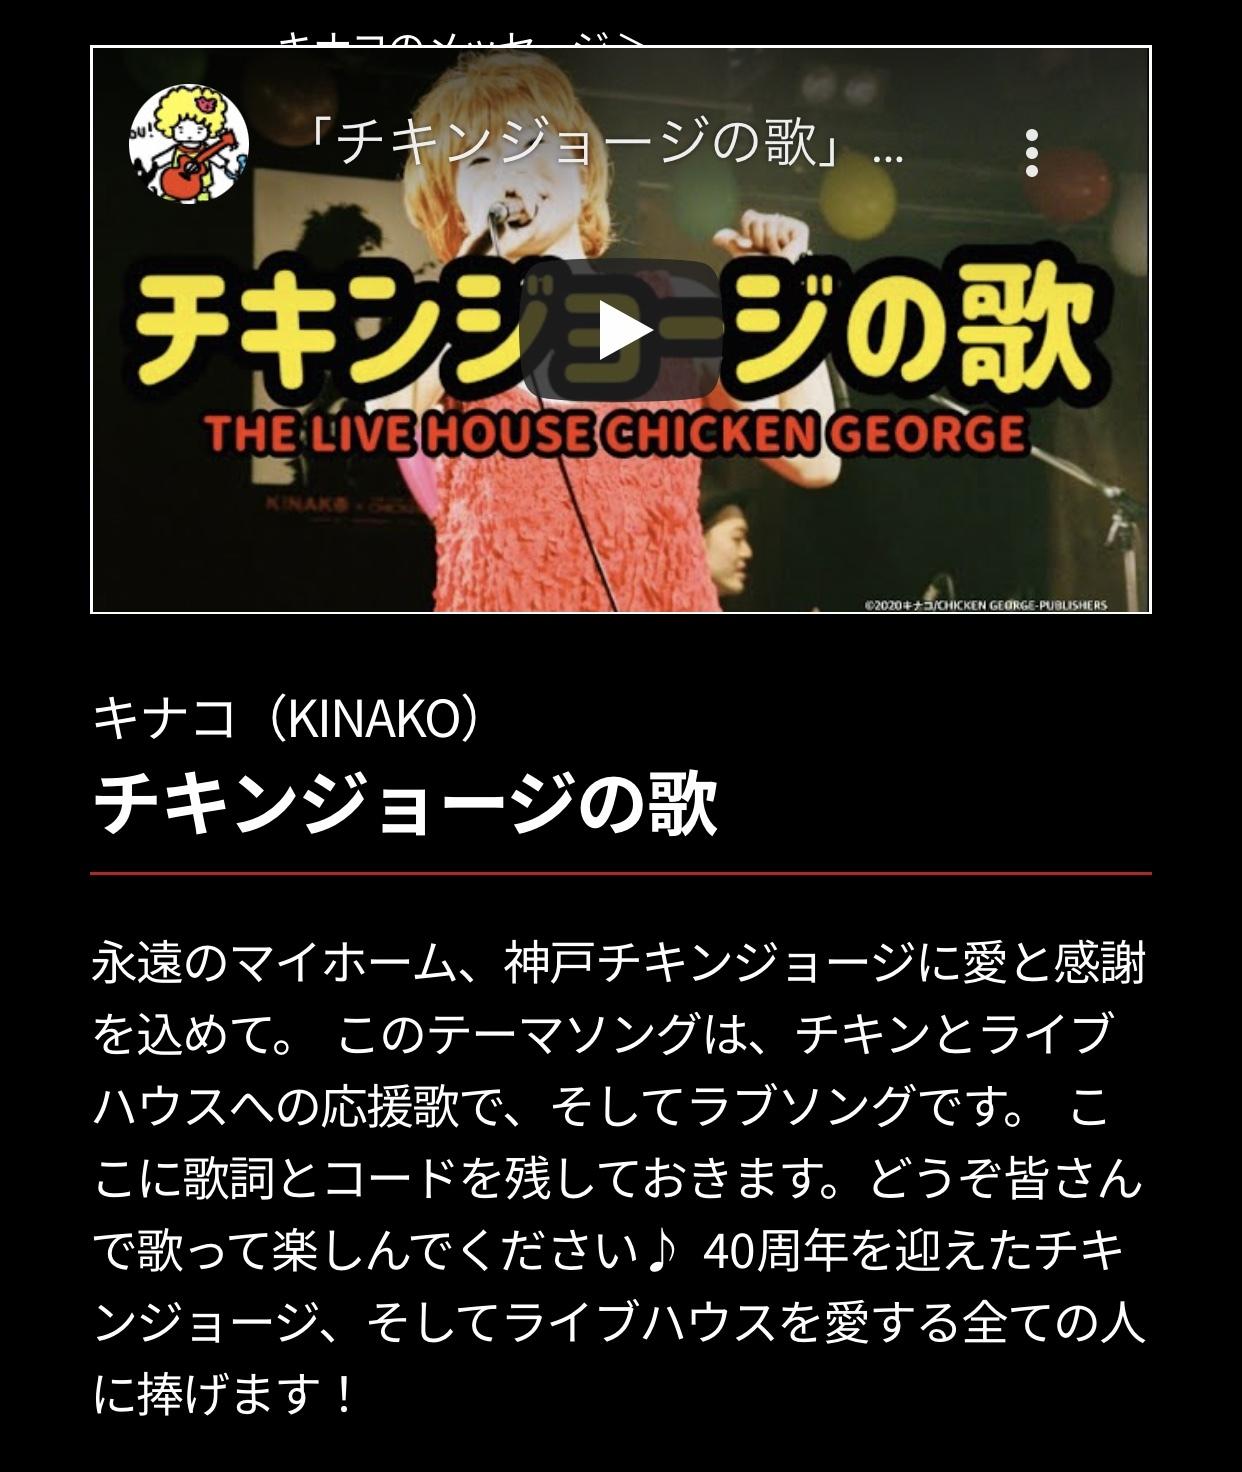 「チキンジョージの歌」神戸チキンジョージ40周年記念まとめ_f0115311_09081245.jpeg